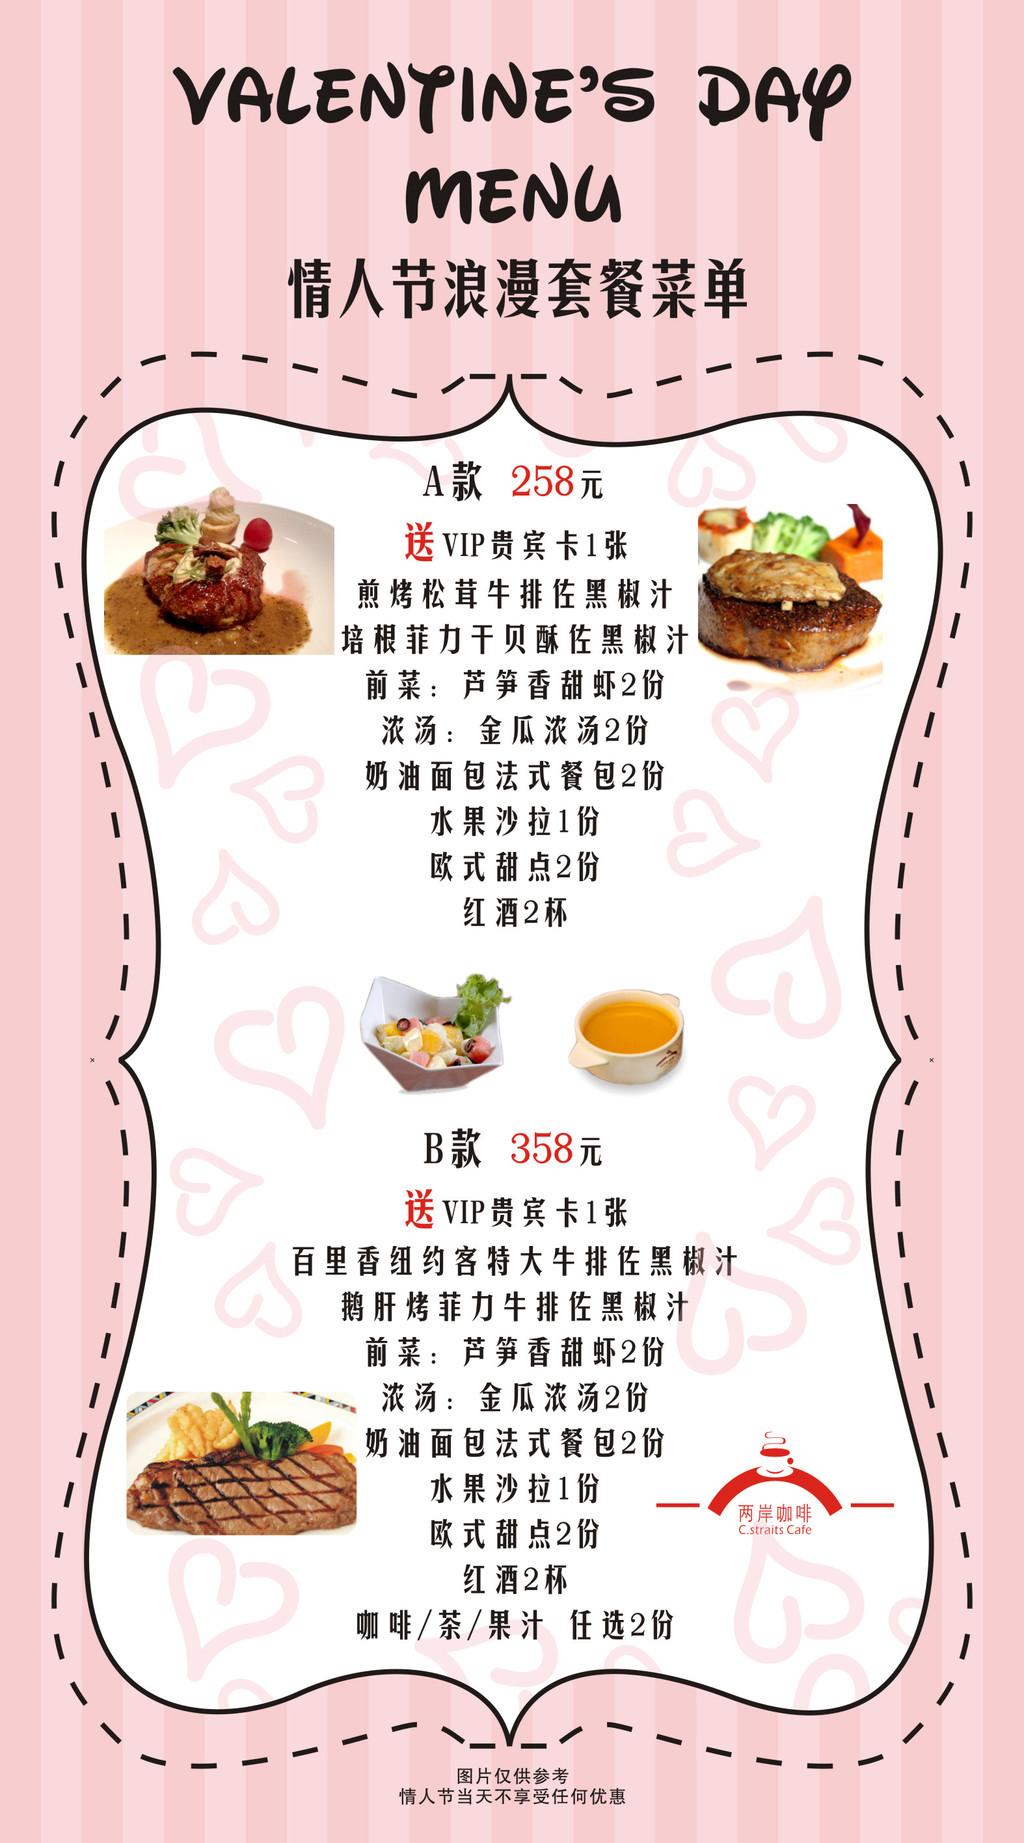 西餐套餐菜单图片下载 情人节西餐模板下载 情人节西餐 咖啡厅 西餐厅